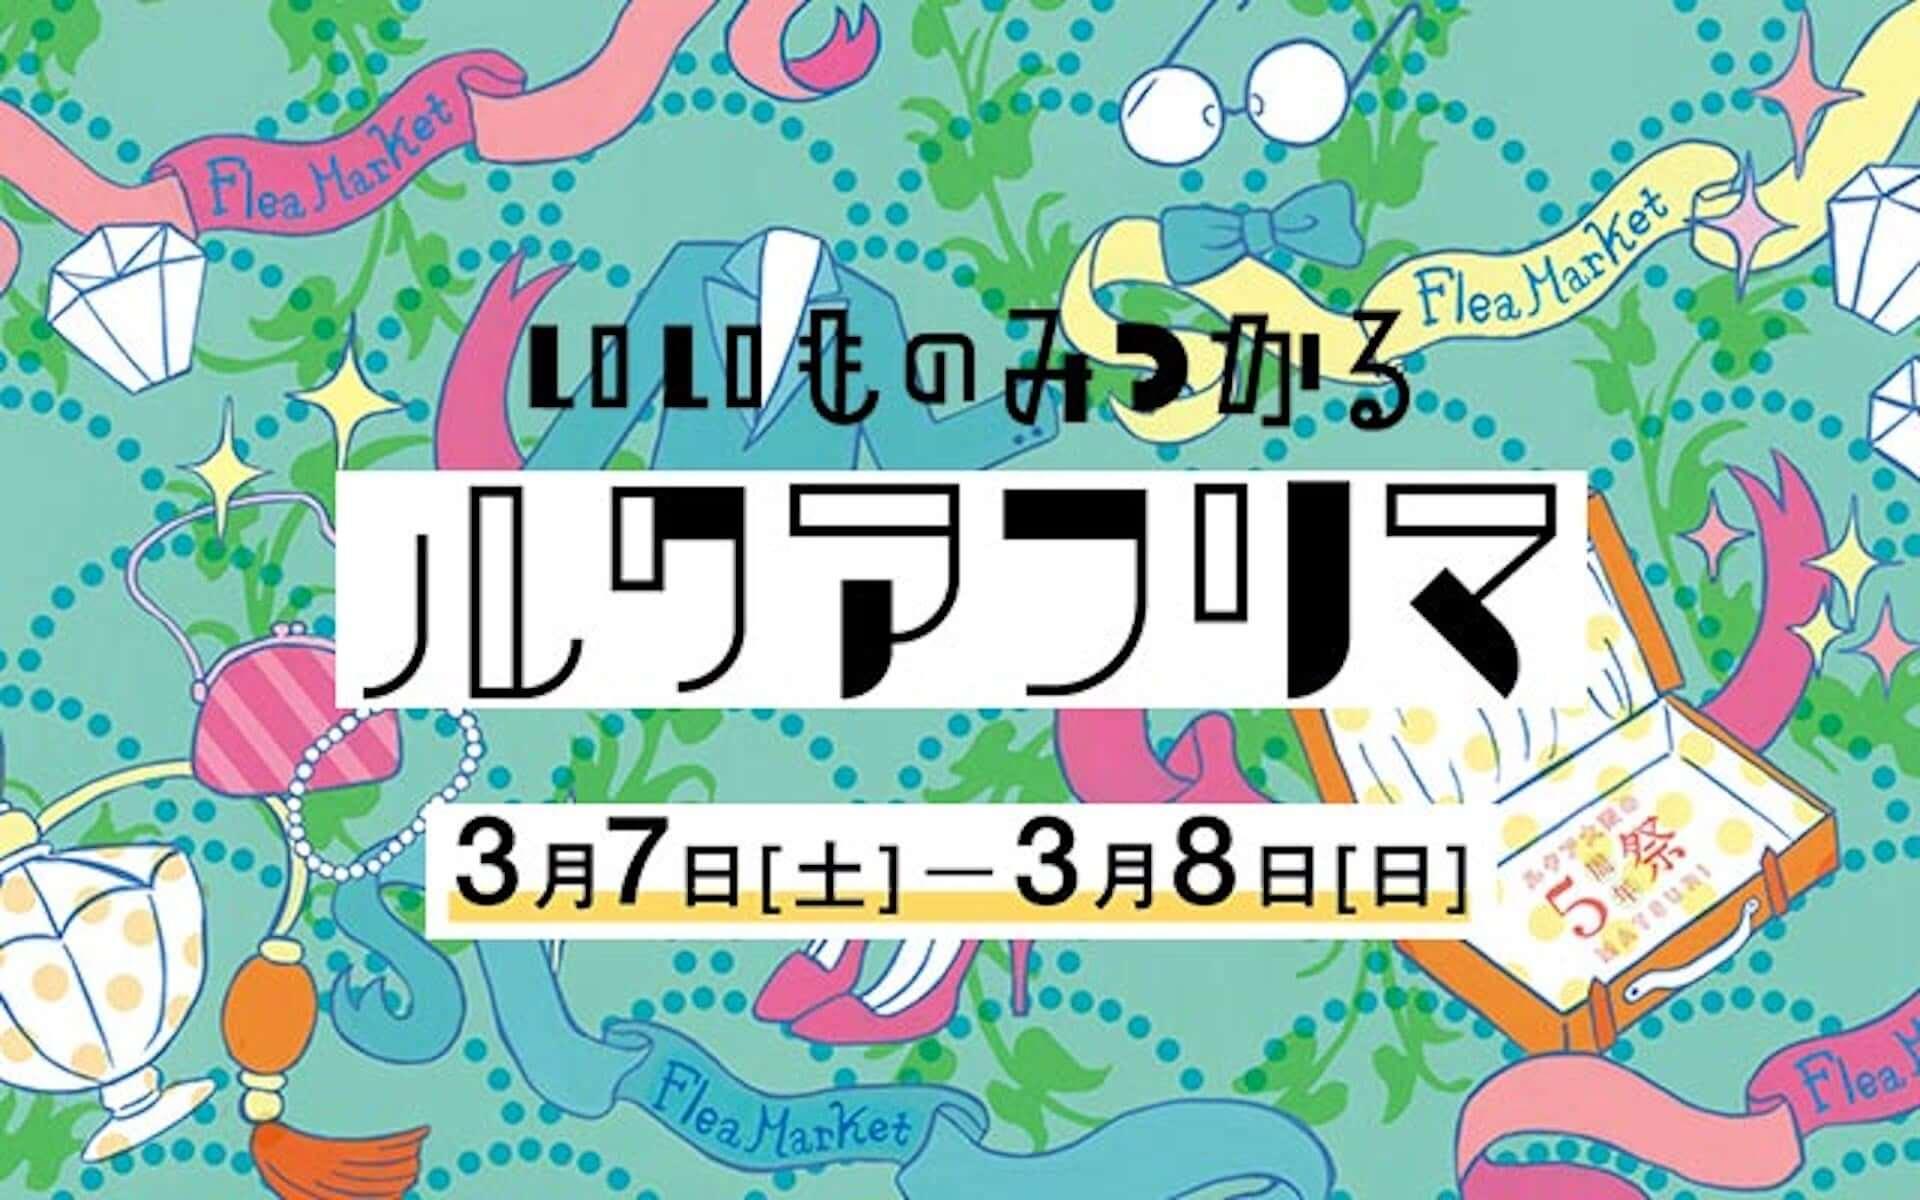 <ルクア大阪の5周年祭>追加コンテンツ第2弾が発表&事前受付開始!YeYe、片桐仁、チャラン・ポ・ランタンが出演決定 art200214_lucua_4-1920x1200